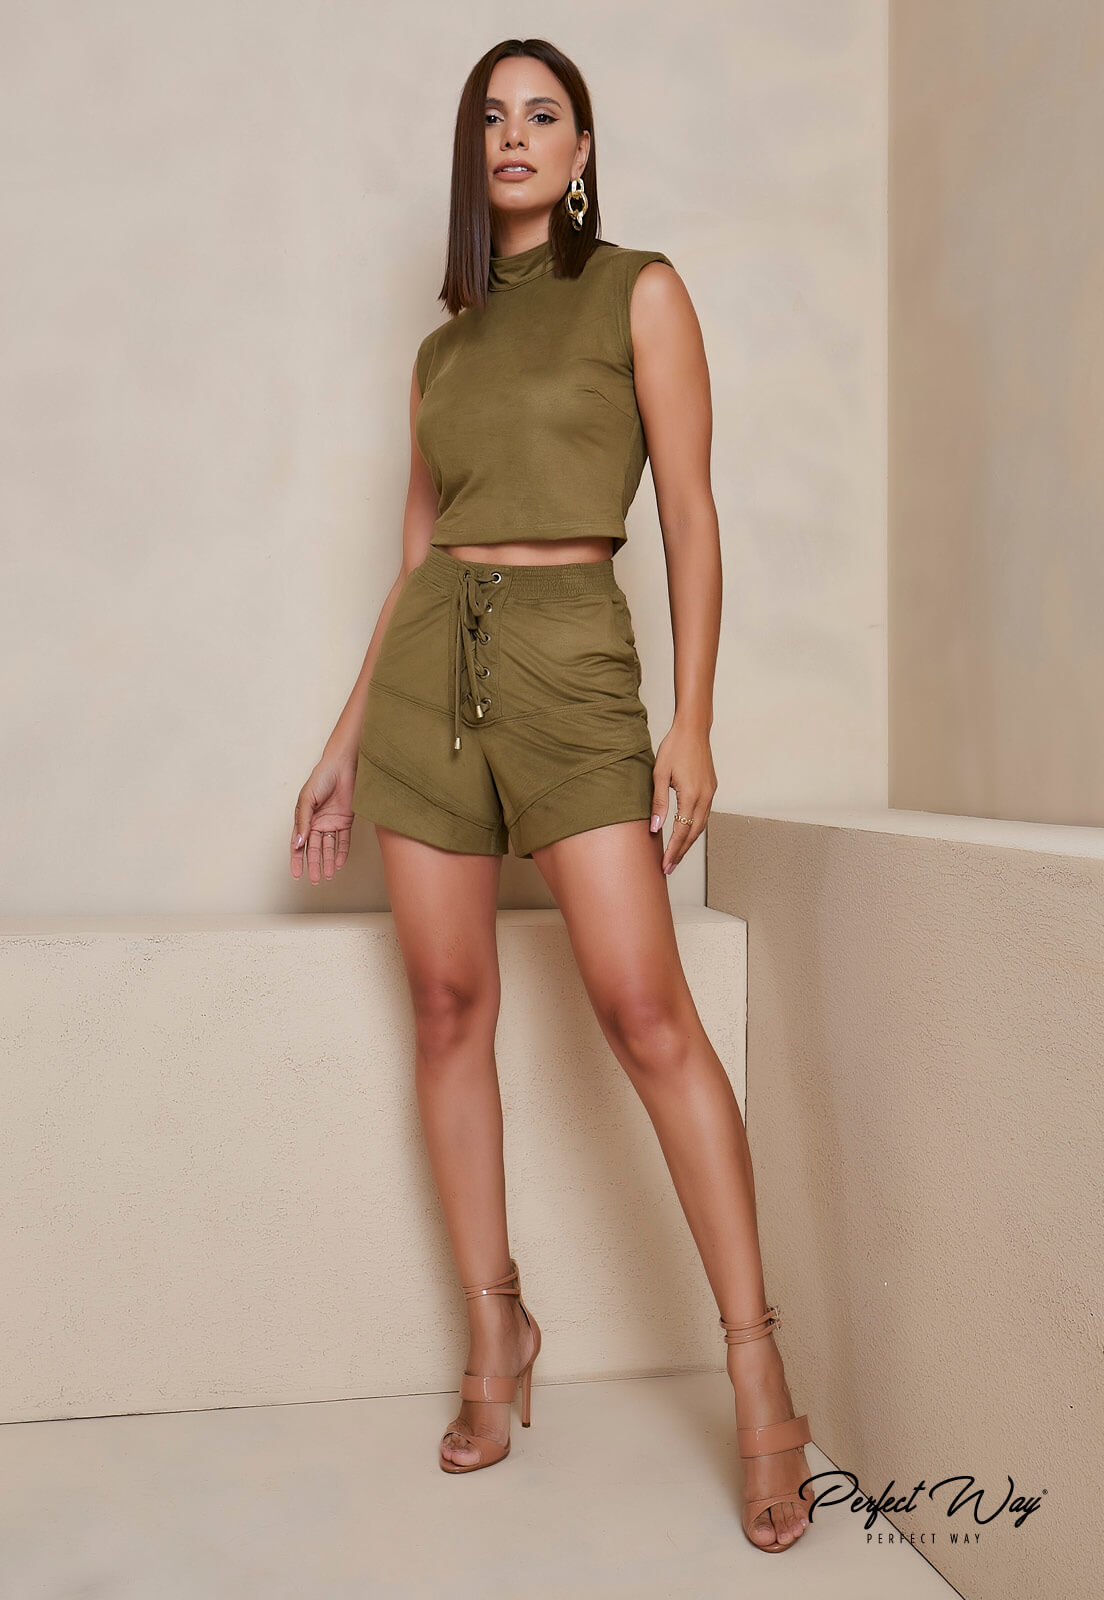 conjunto de cropped + shorts  - PERFECT WAY